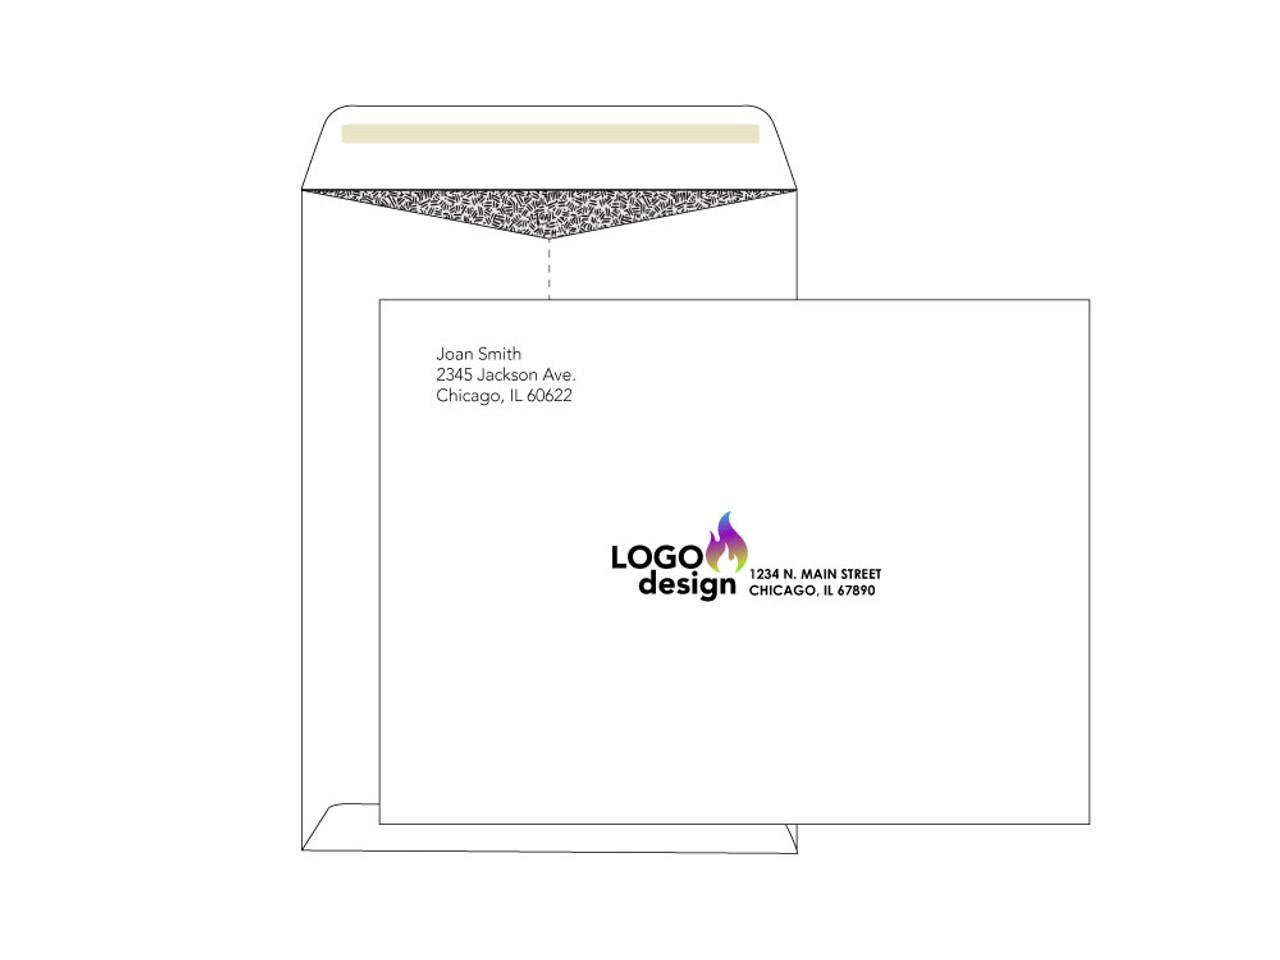 Security 9x12 Printed Envelopes - EN1010